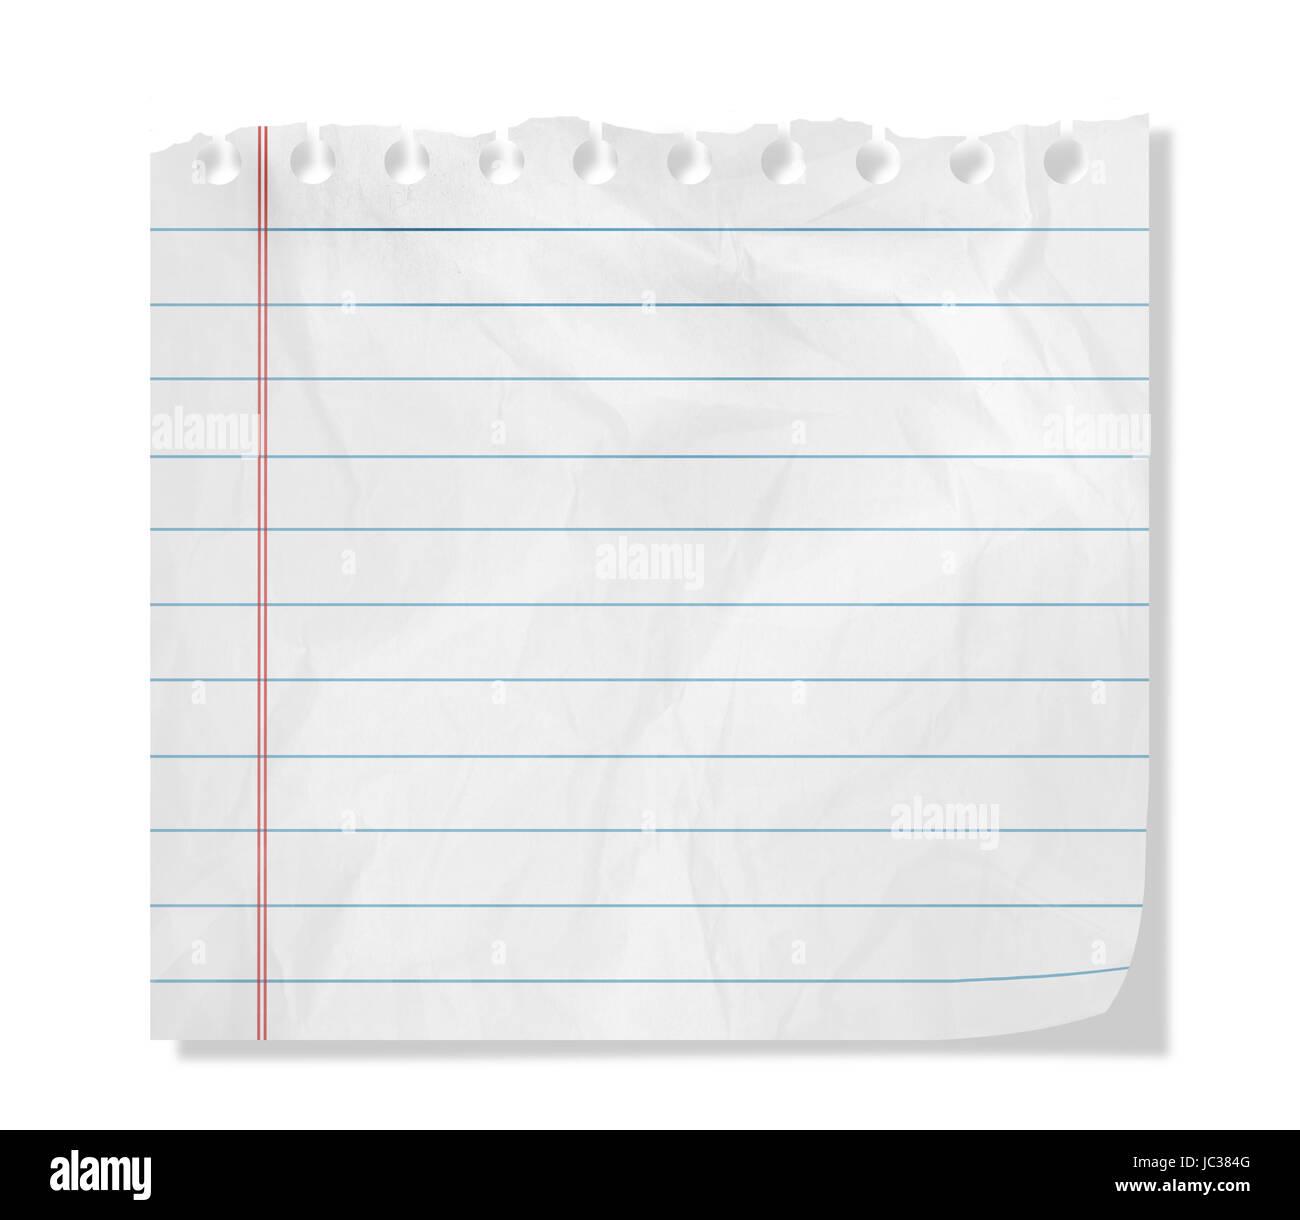 Feuille de papier, l'espace vide Banque D'Images